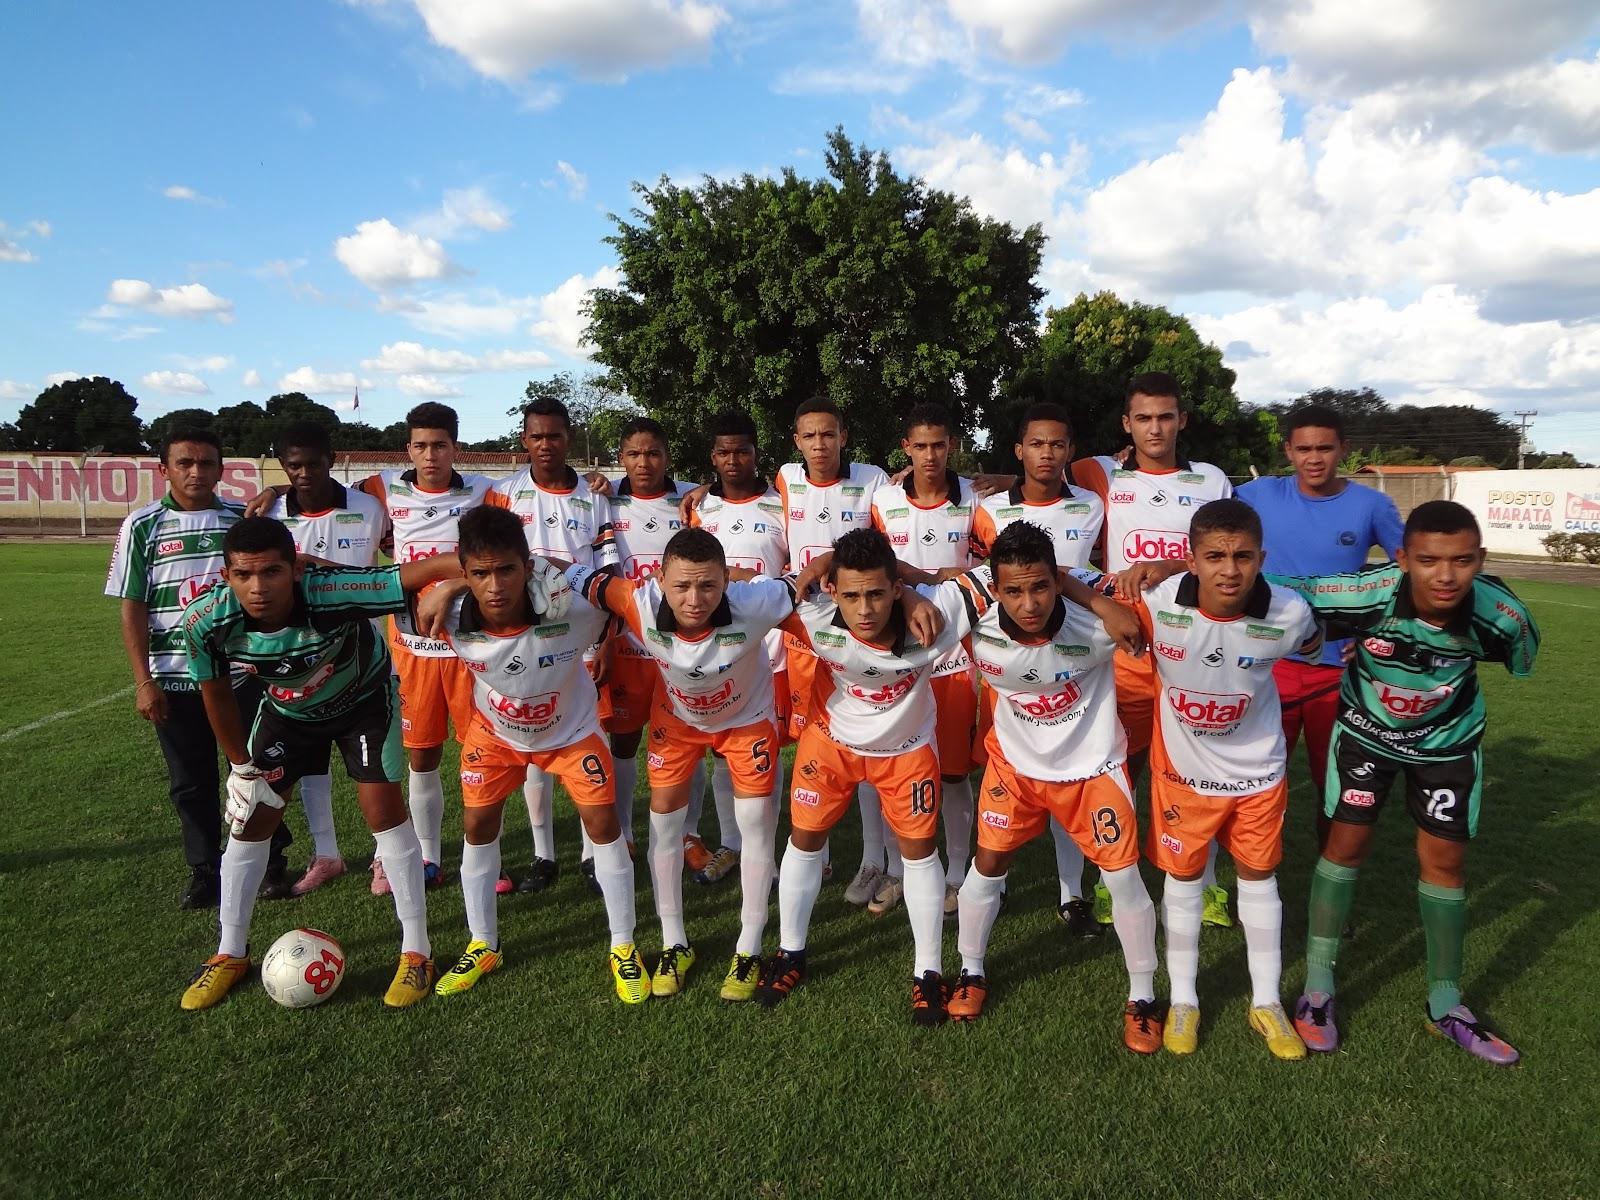 Resultado de imagem para Histórico de fundação do Água Branca Futebol Clube PI